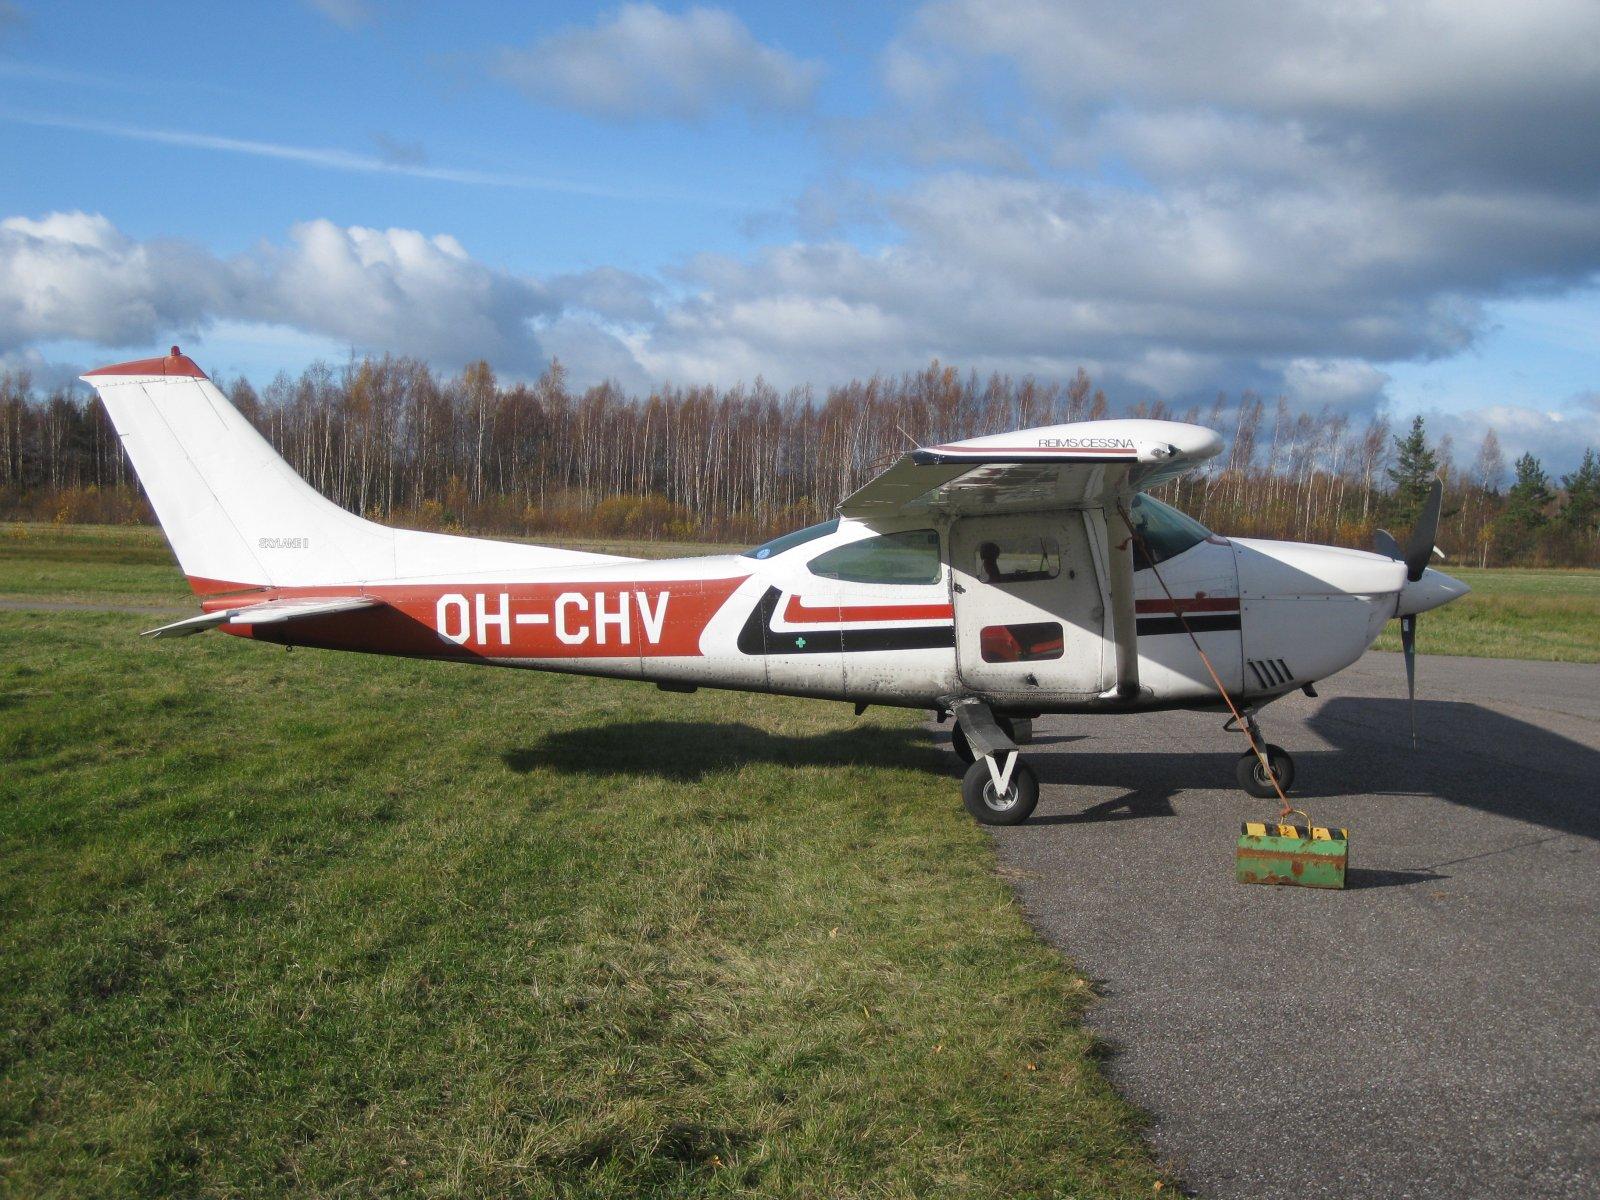 Reims-Cessna F182Q Skylane II OH-CHV EFHN 2008-10-18